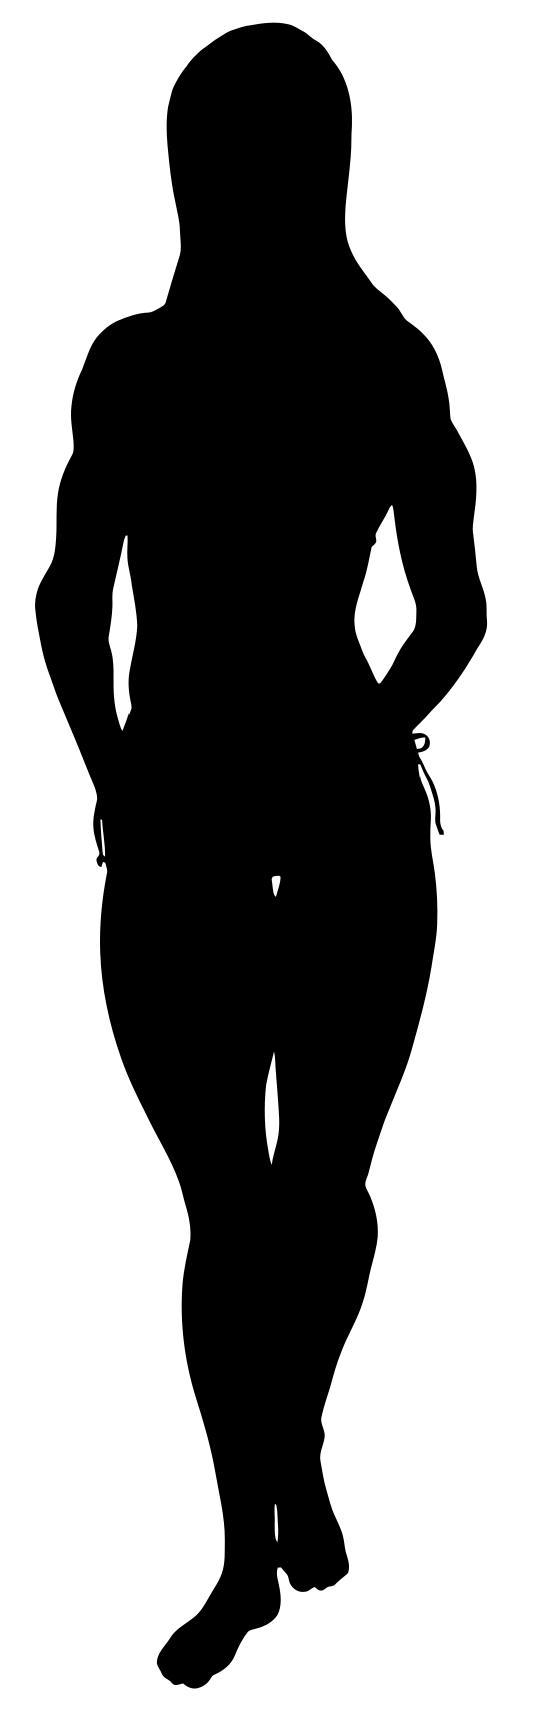 534x1715 Female Bodybuilder Silhouette Clipart